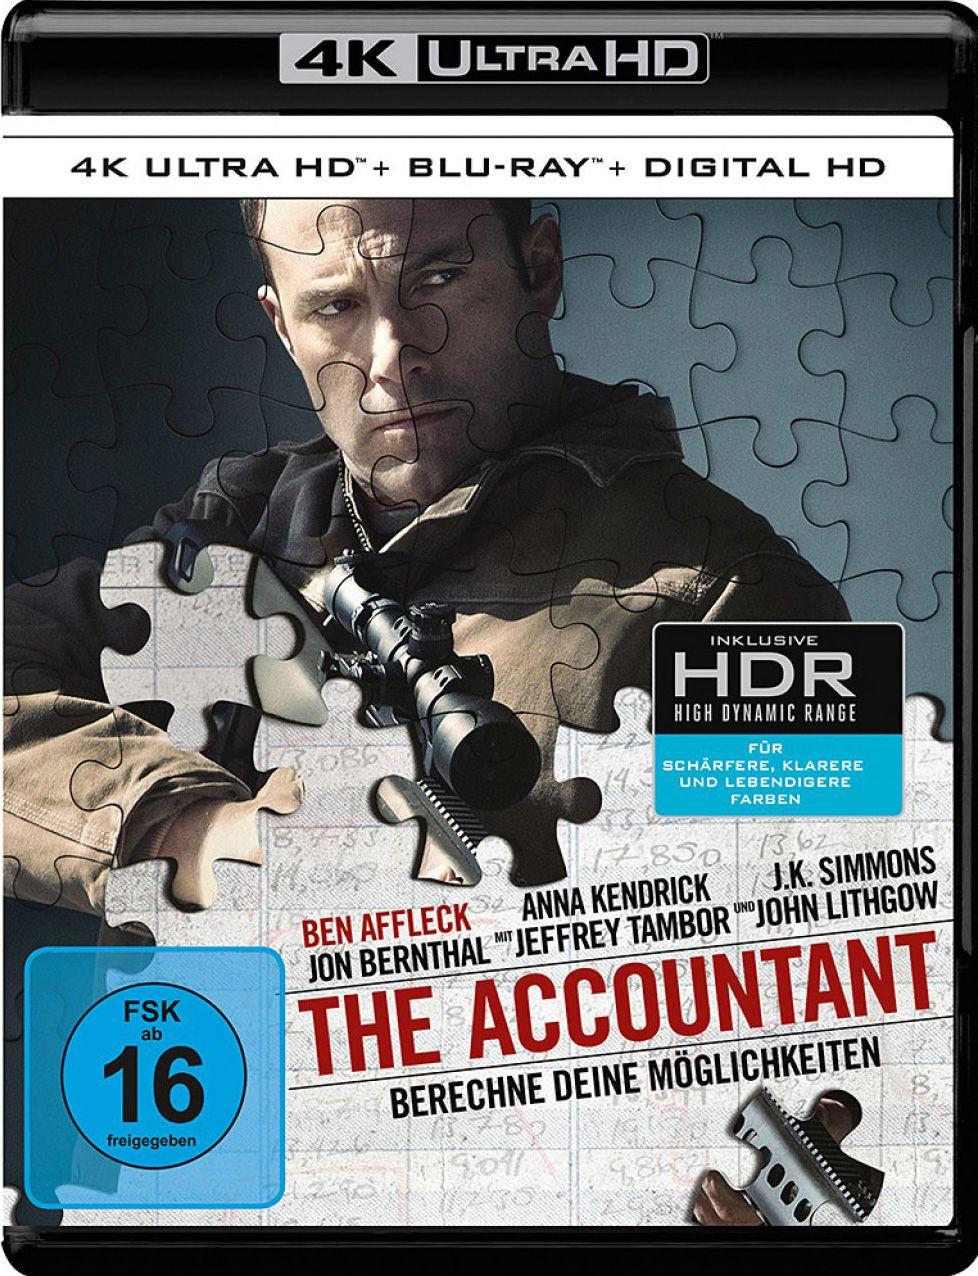 Accountant, The - Berechne Deine Möglichkeiten (2 Discs) (UHD BLURAY + BLURAY)